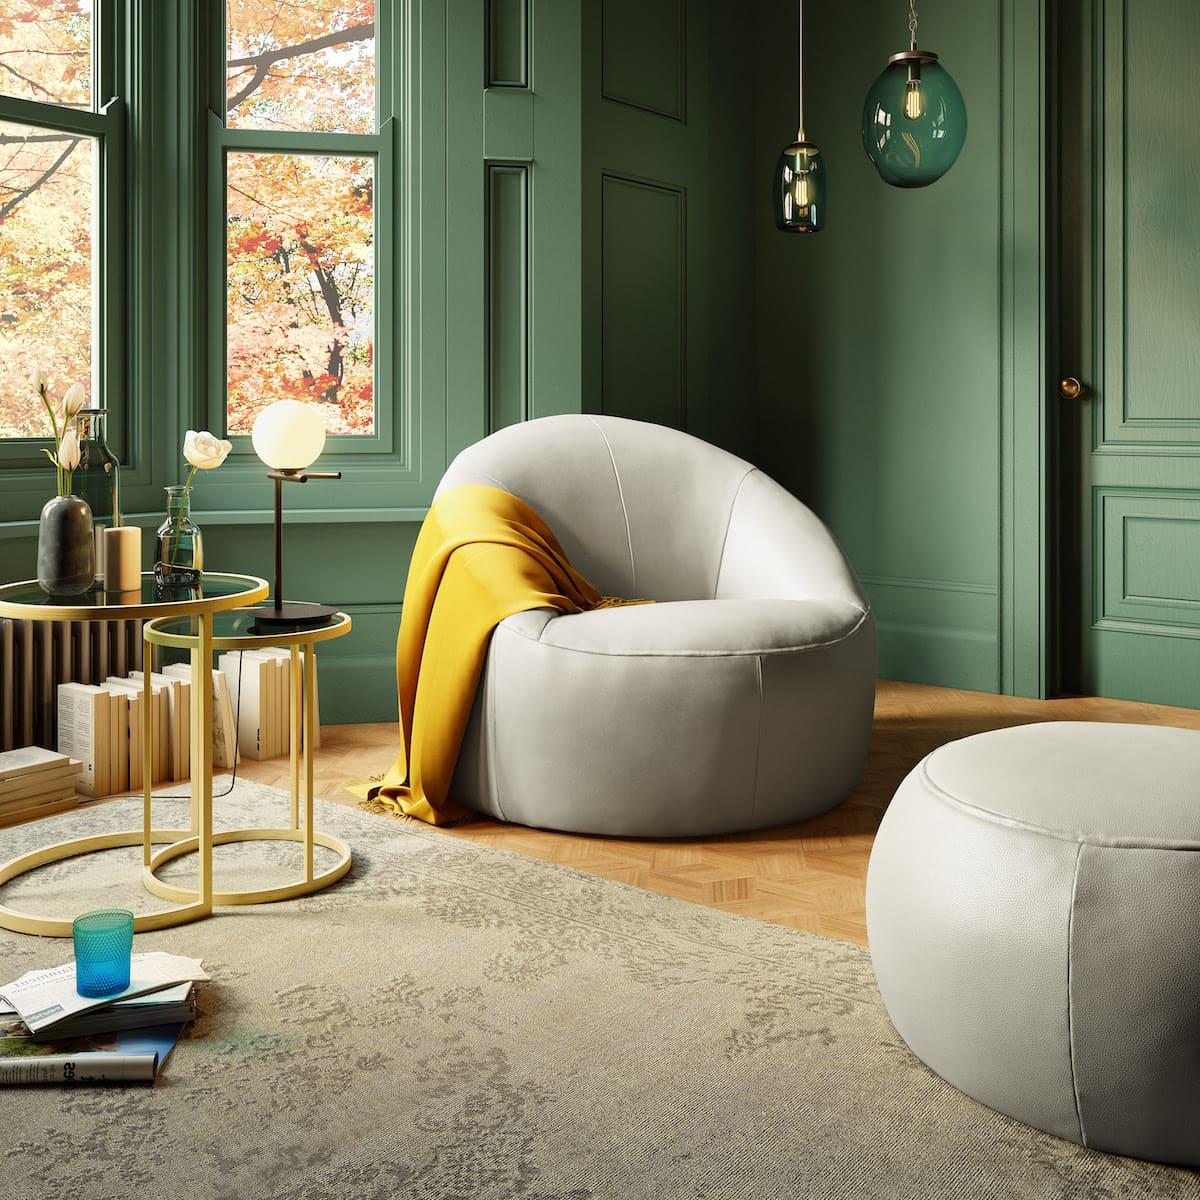 design d'intérieur d'un appartement à la mode photo 20